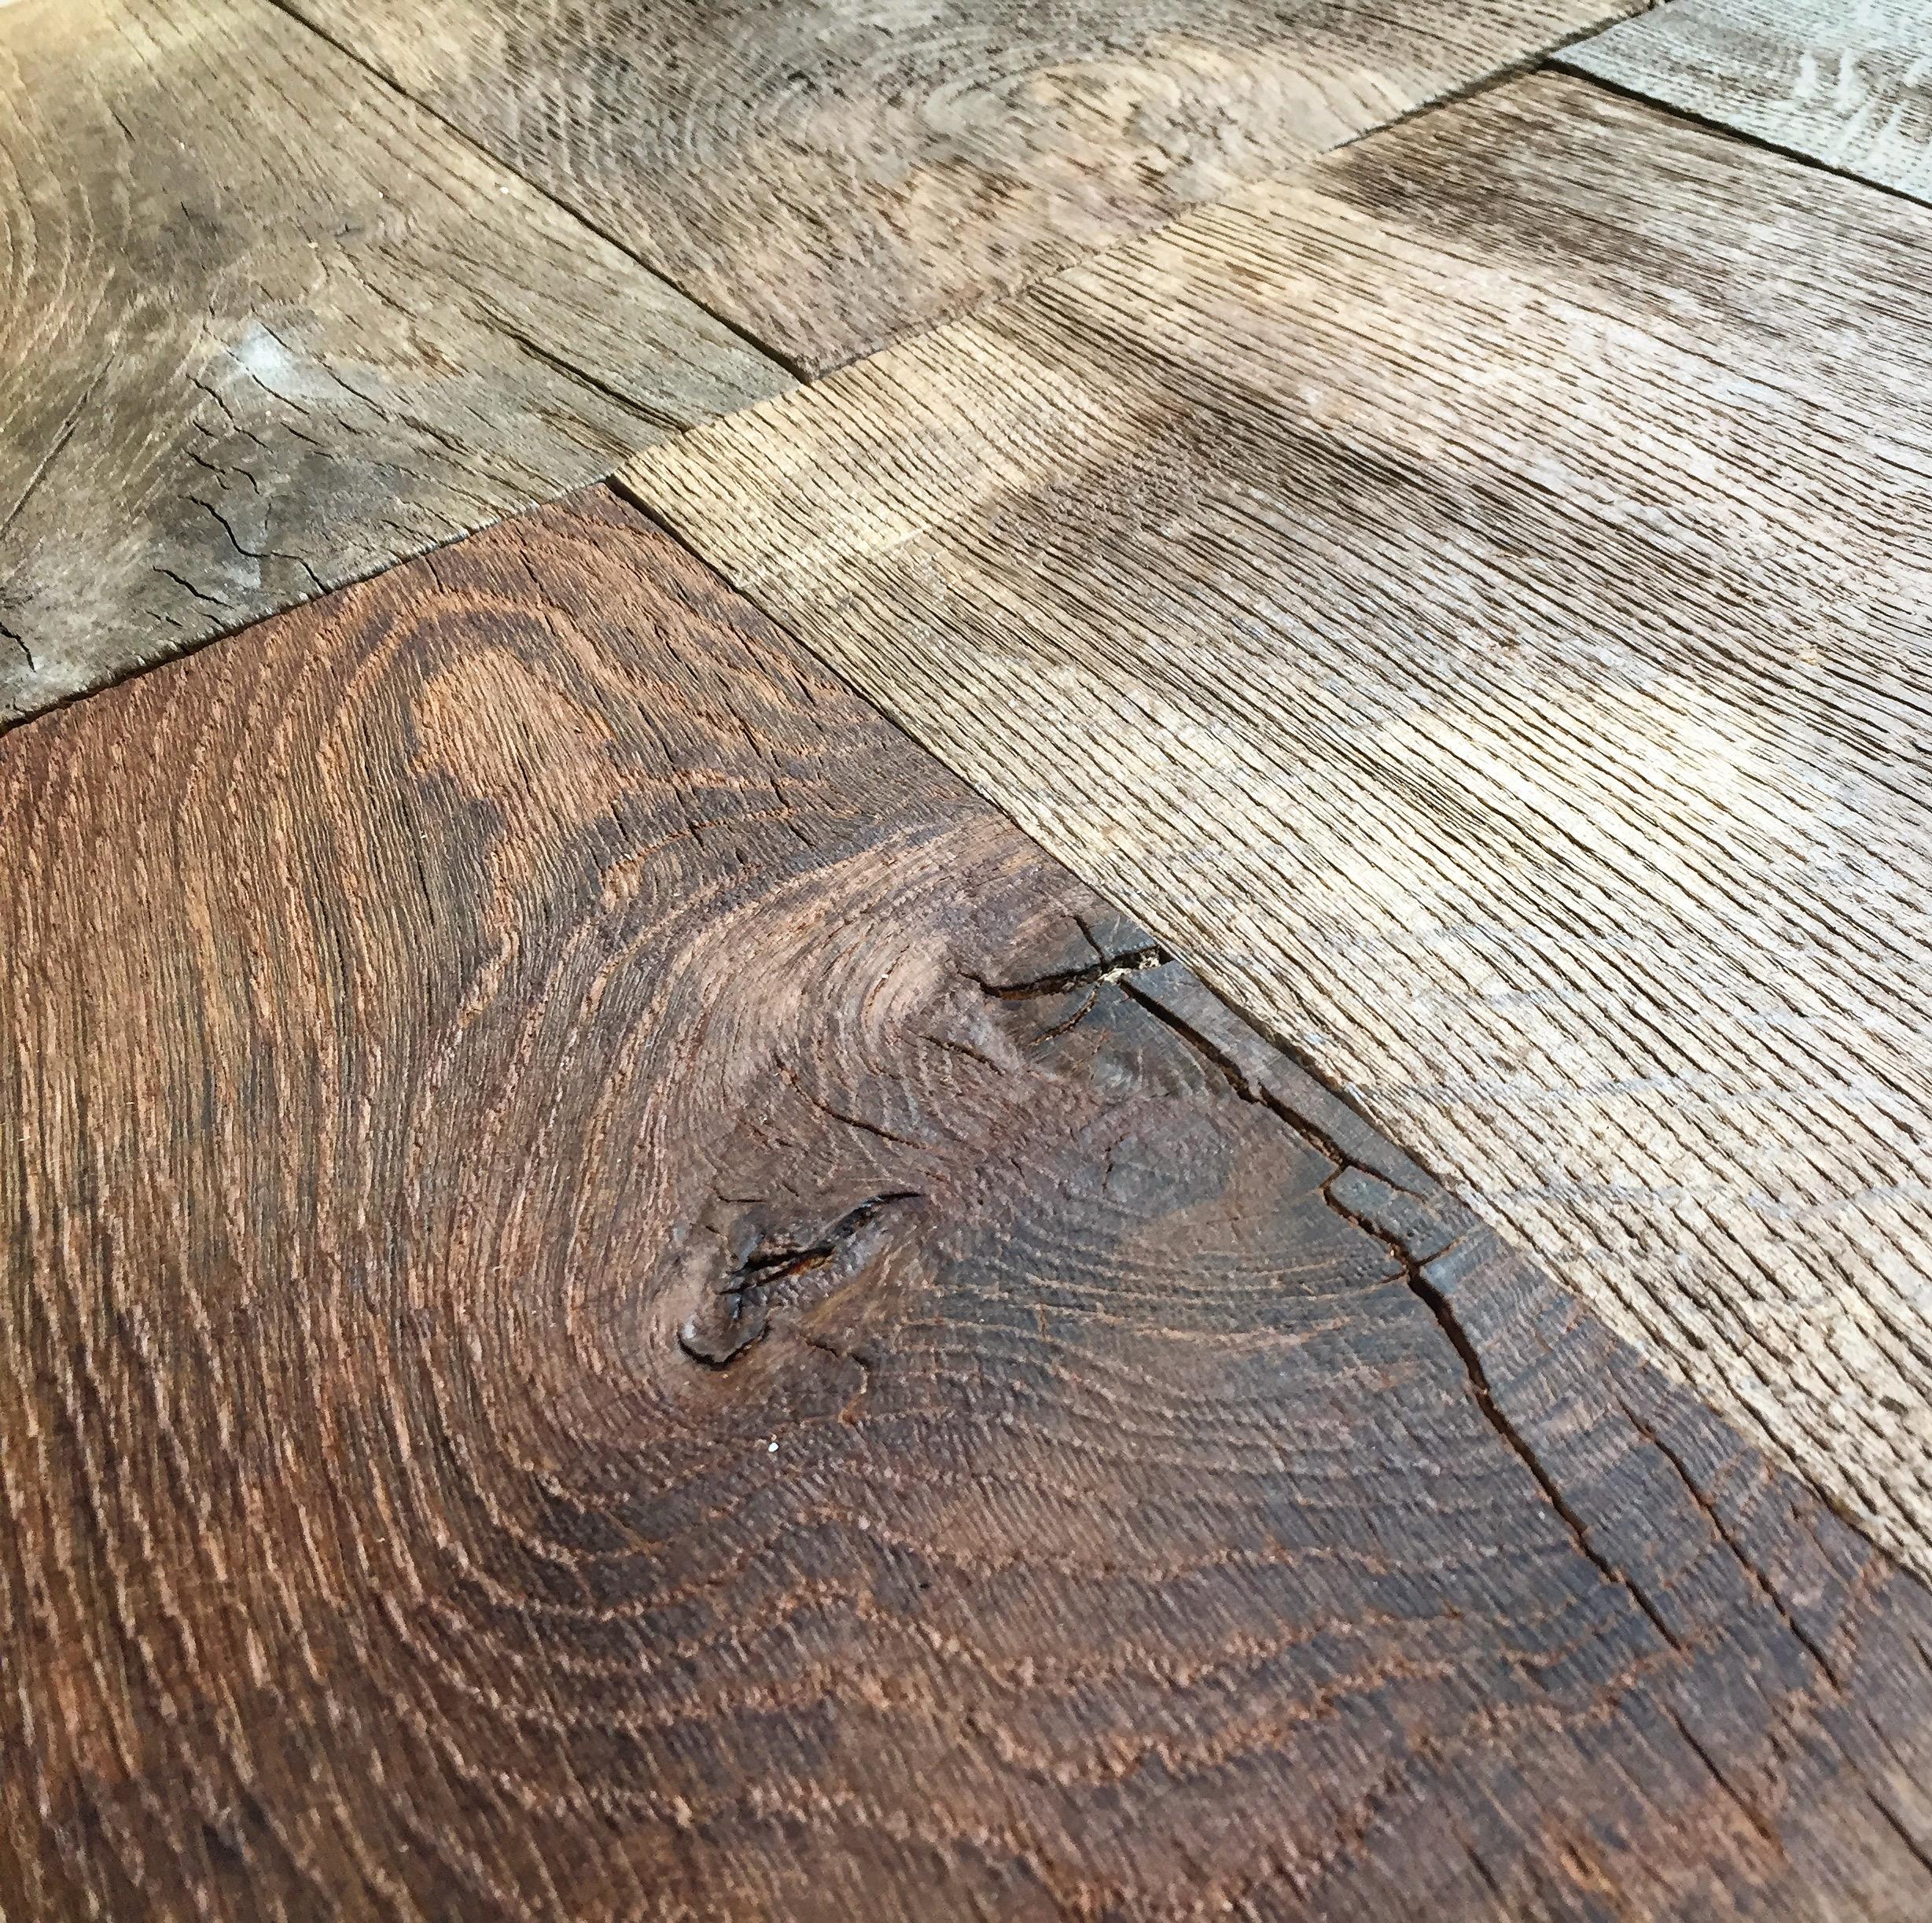 lumberprint altholz vintageholz foto auf holz holzdruck bielefeld5 lumberprint. Black Bedroom Furniture Sets. Home Design Ideas